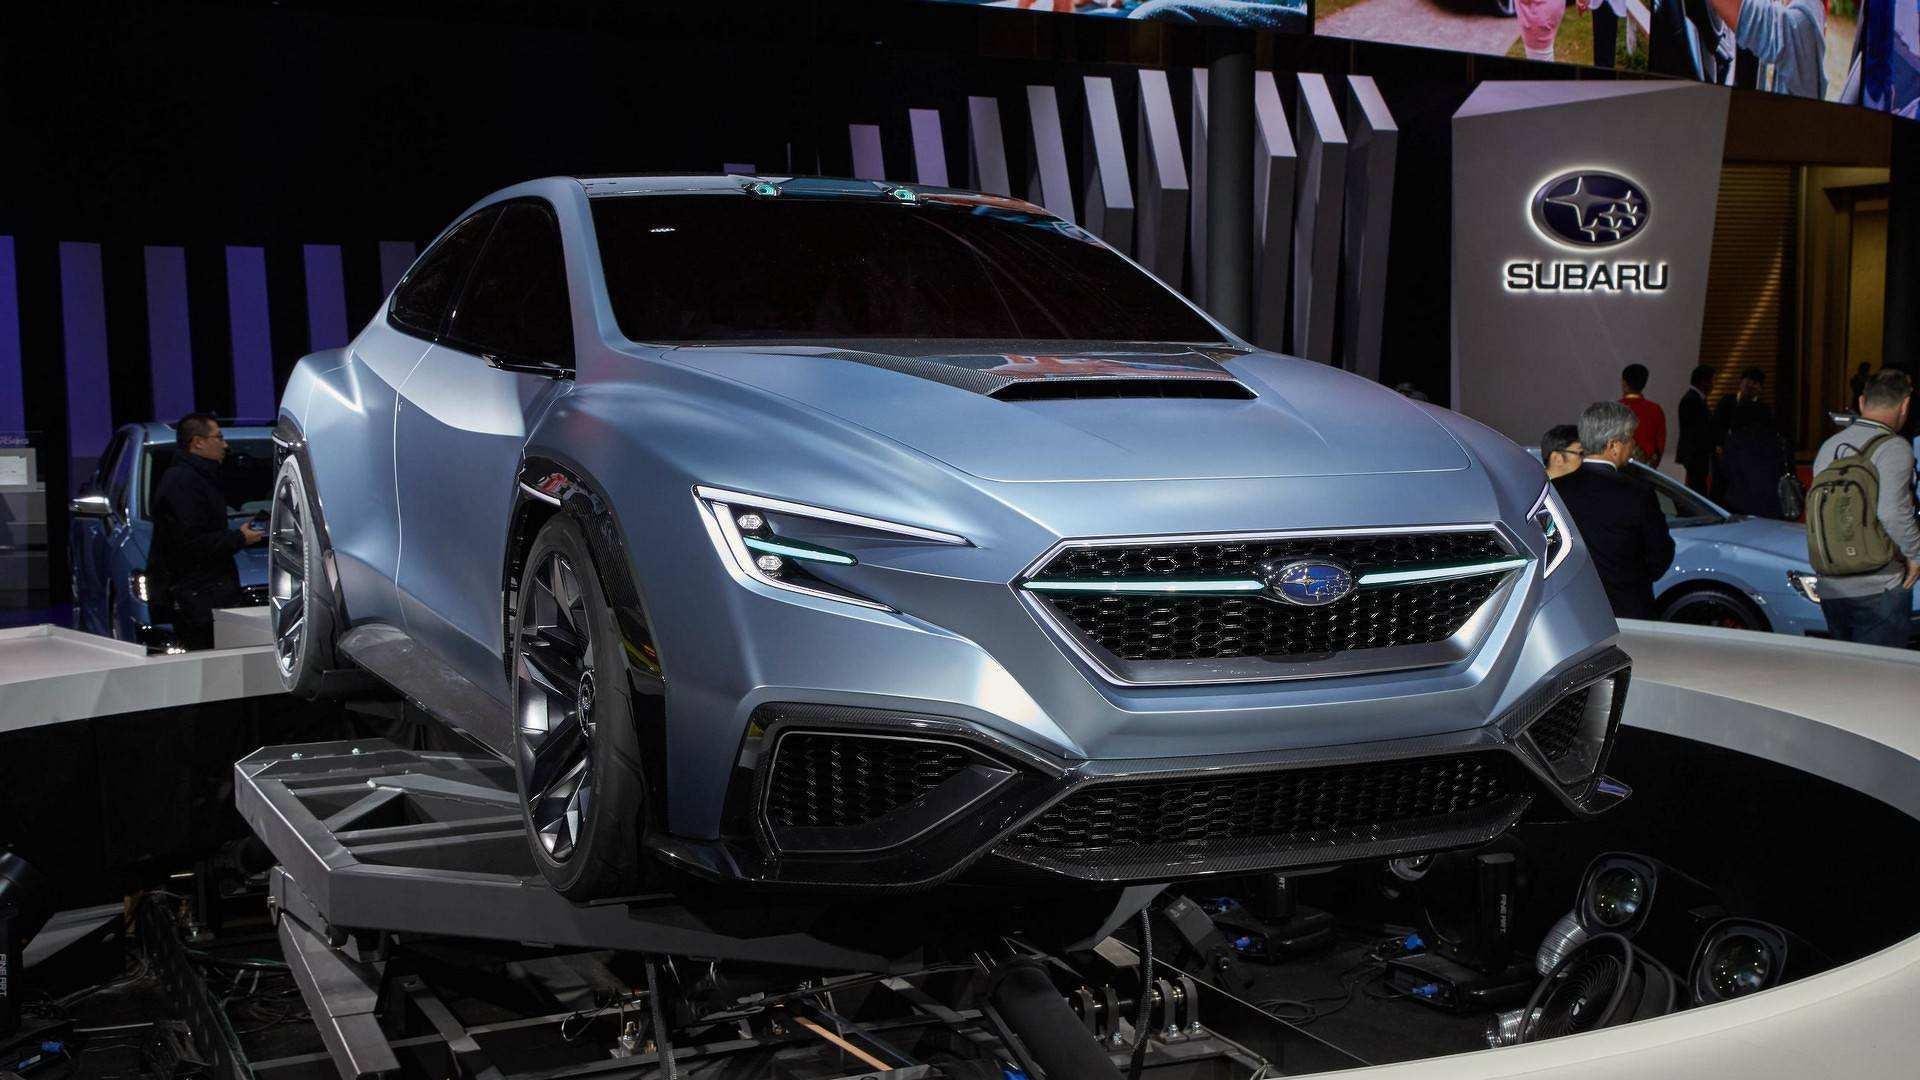 73 All New 2020 Subaru Sti Concept Wallpaper by 2020 Subaru Sti Concept